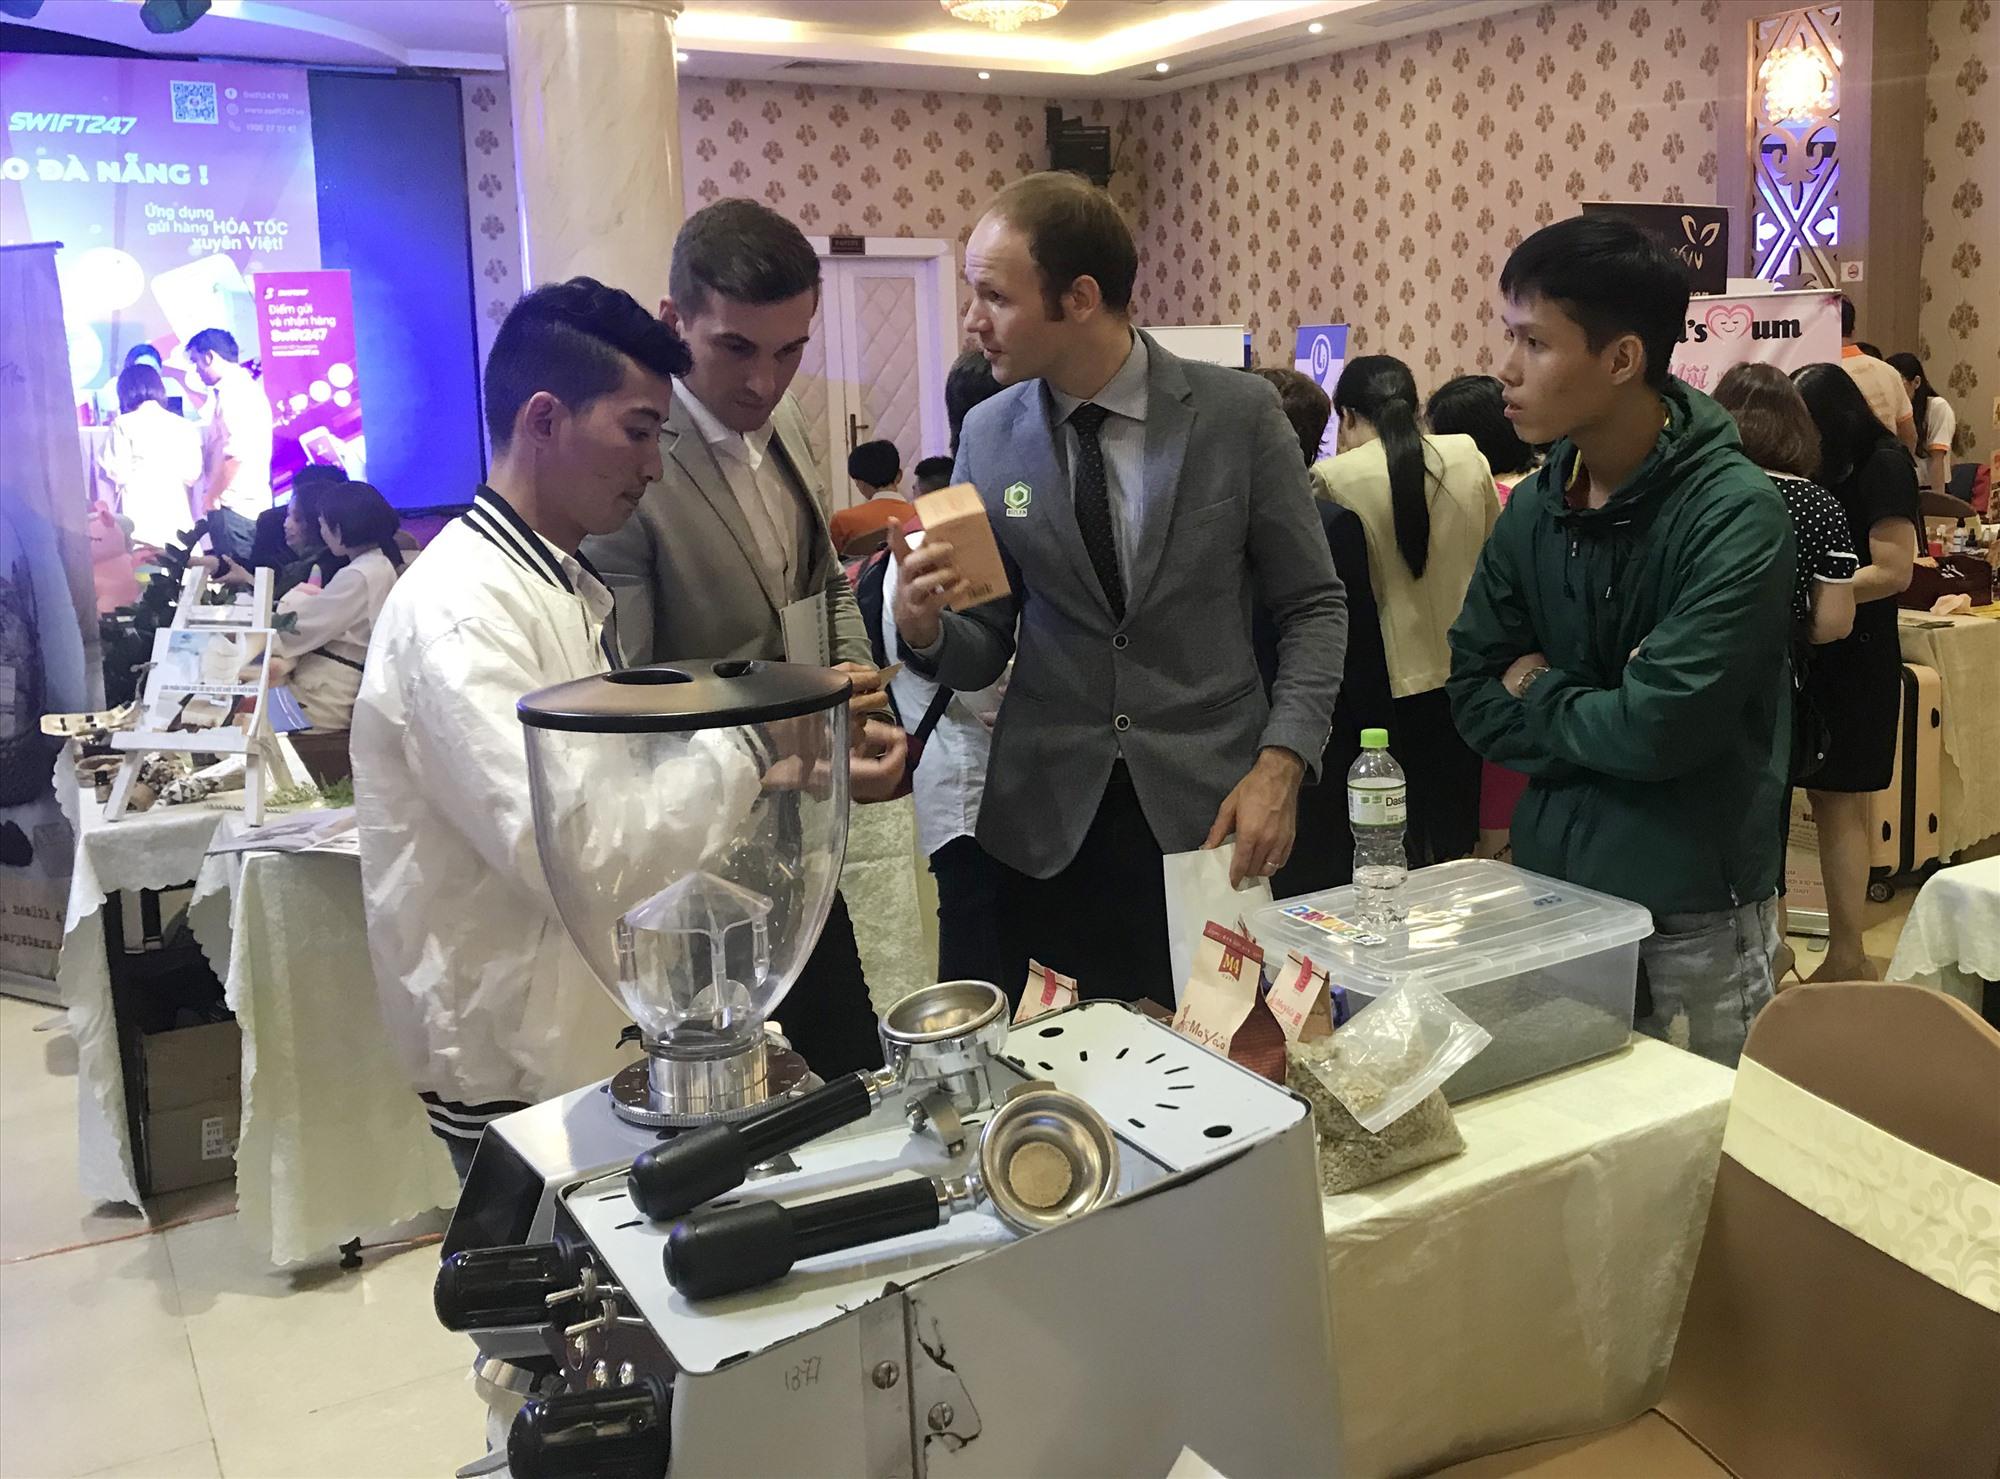 Quảng Nam đã tạo điều kiện để các mô hình khởi nghiệp tham gia các diễn đàn, hội thảo về khởi nghiệp chuyên sâu. Ảnh: L.Q